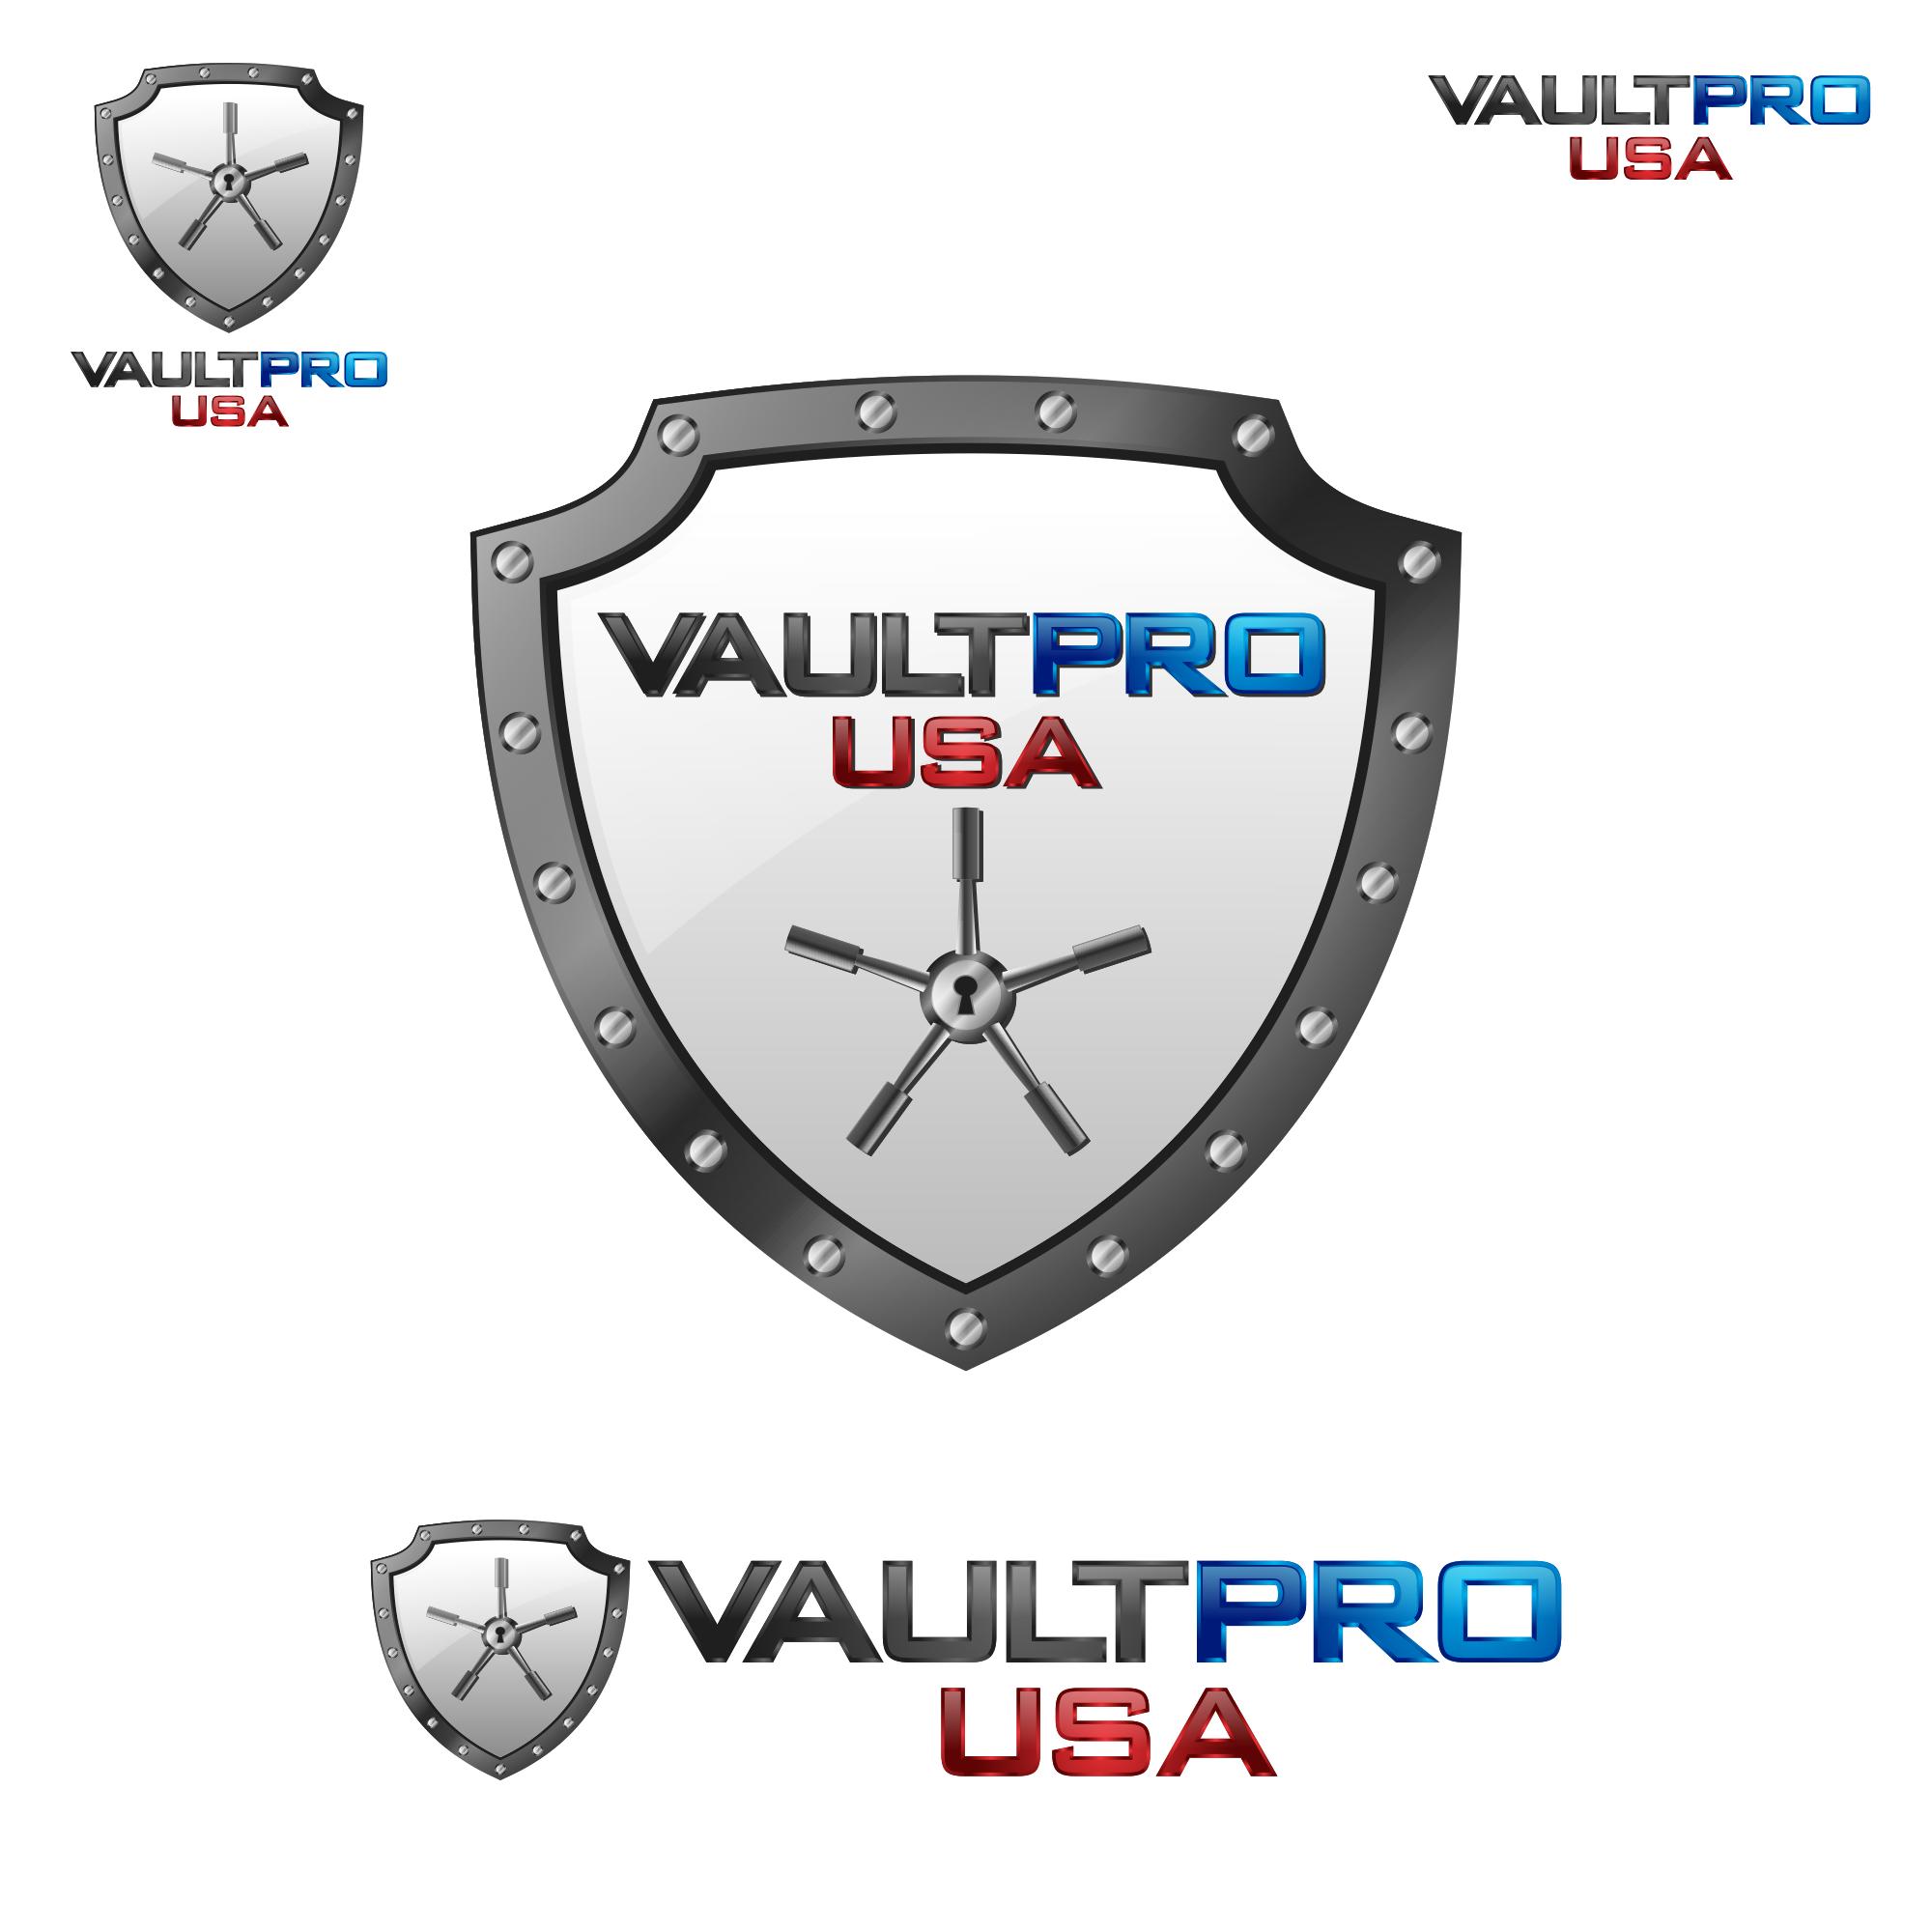 Vault Pro USA needs an outstanding new logo!